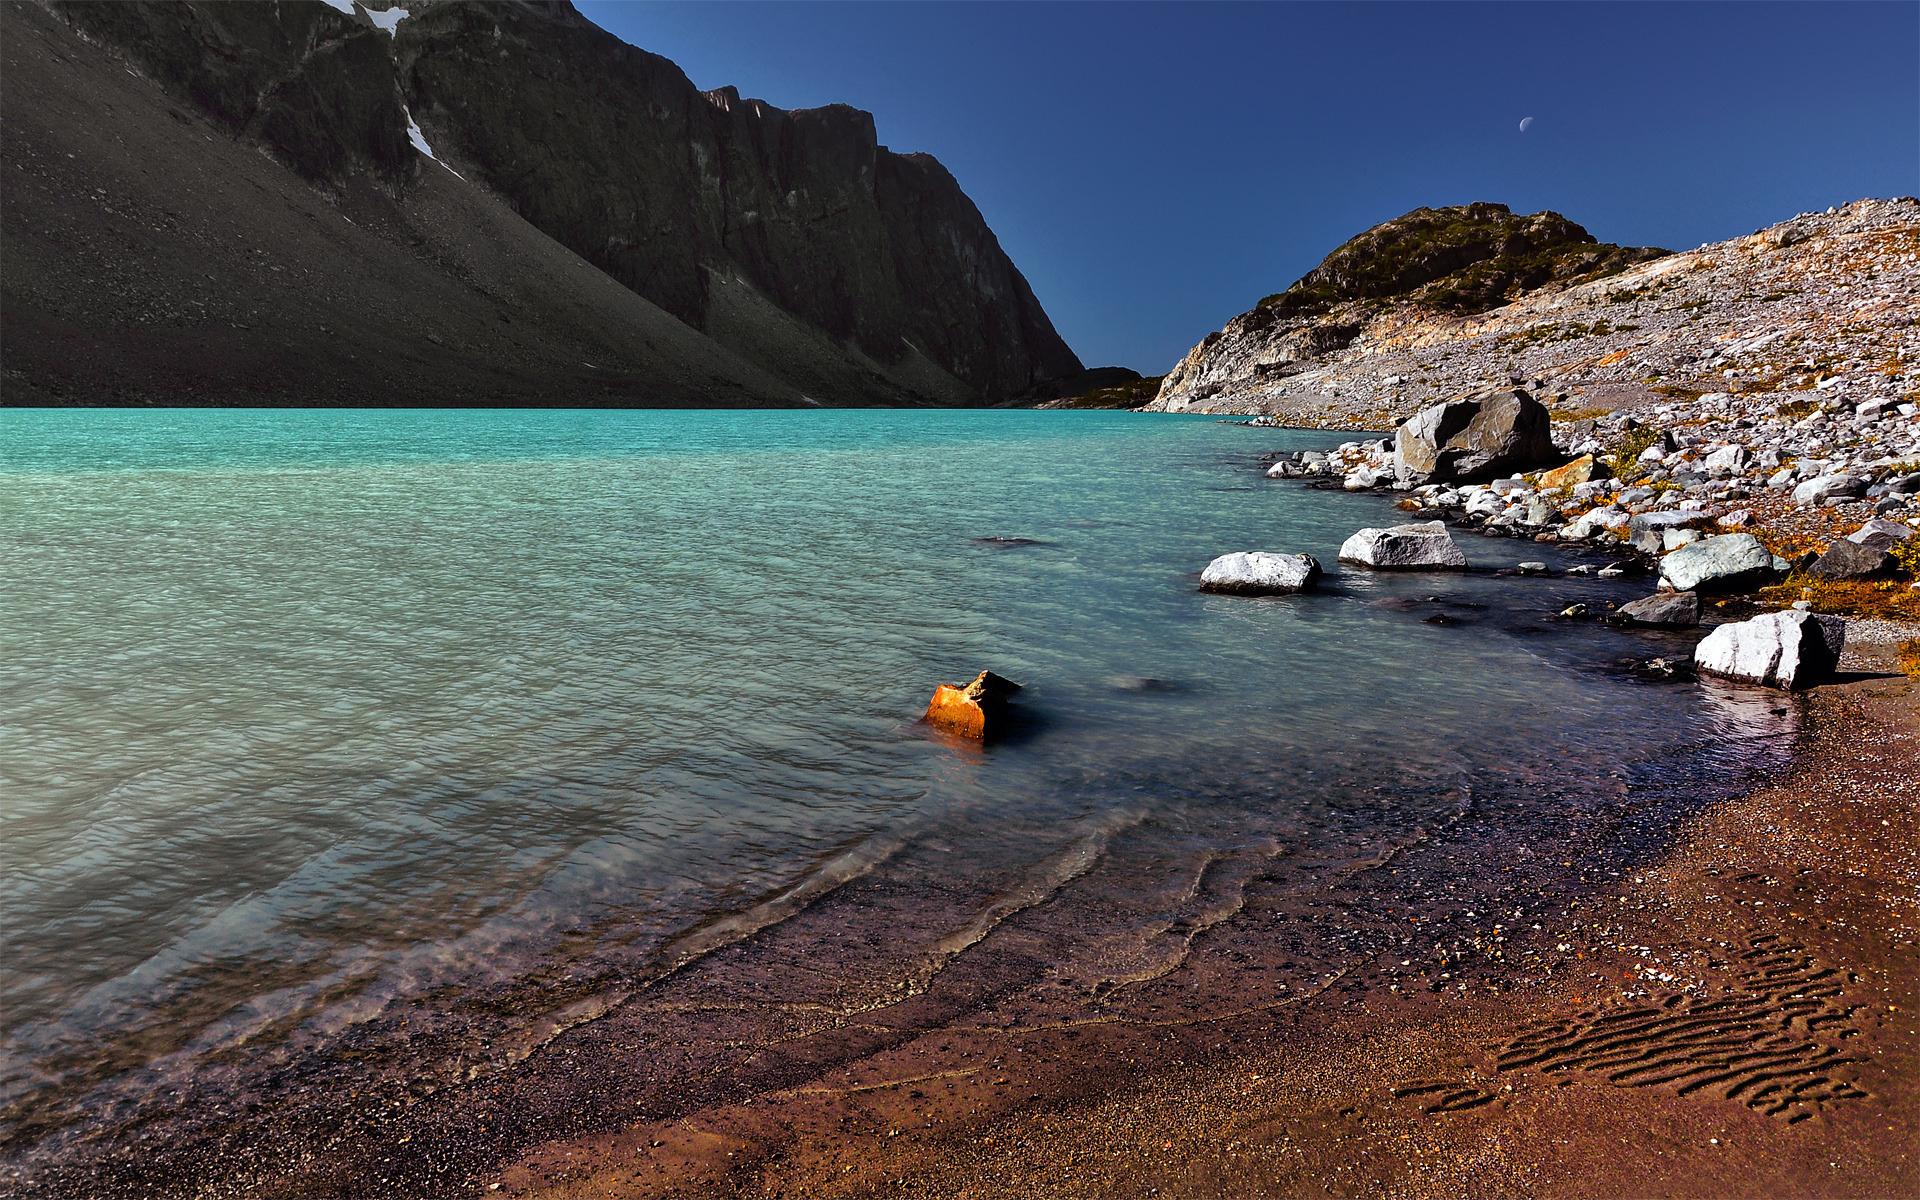 Озеро и утесы бесплатно